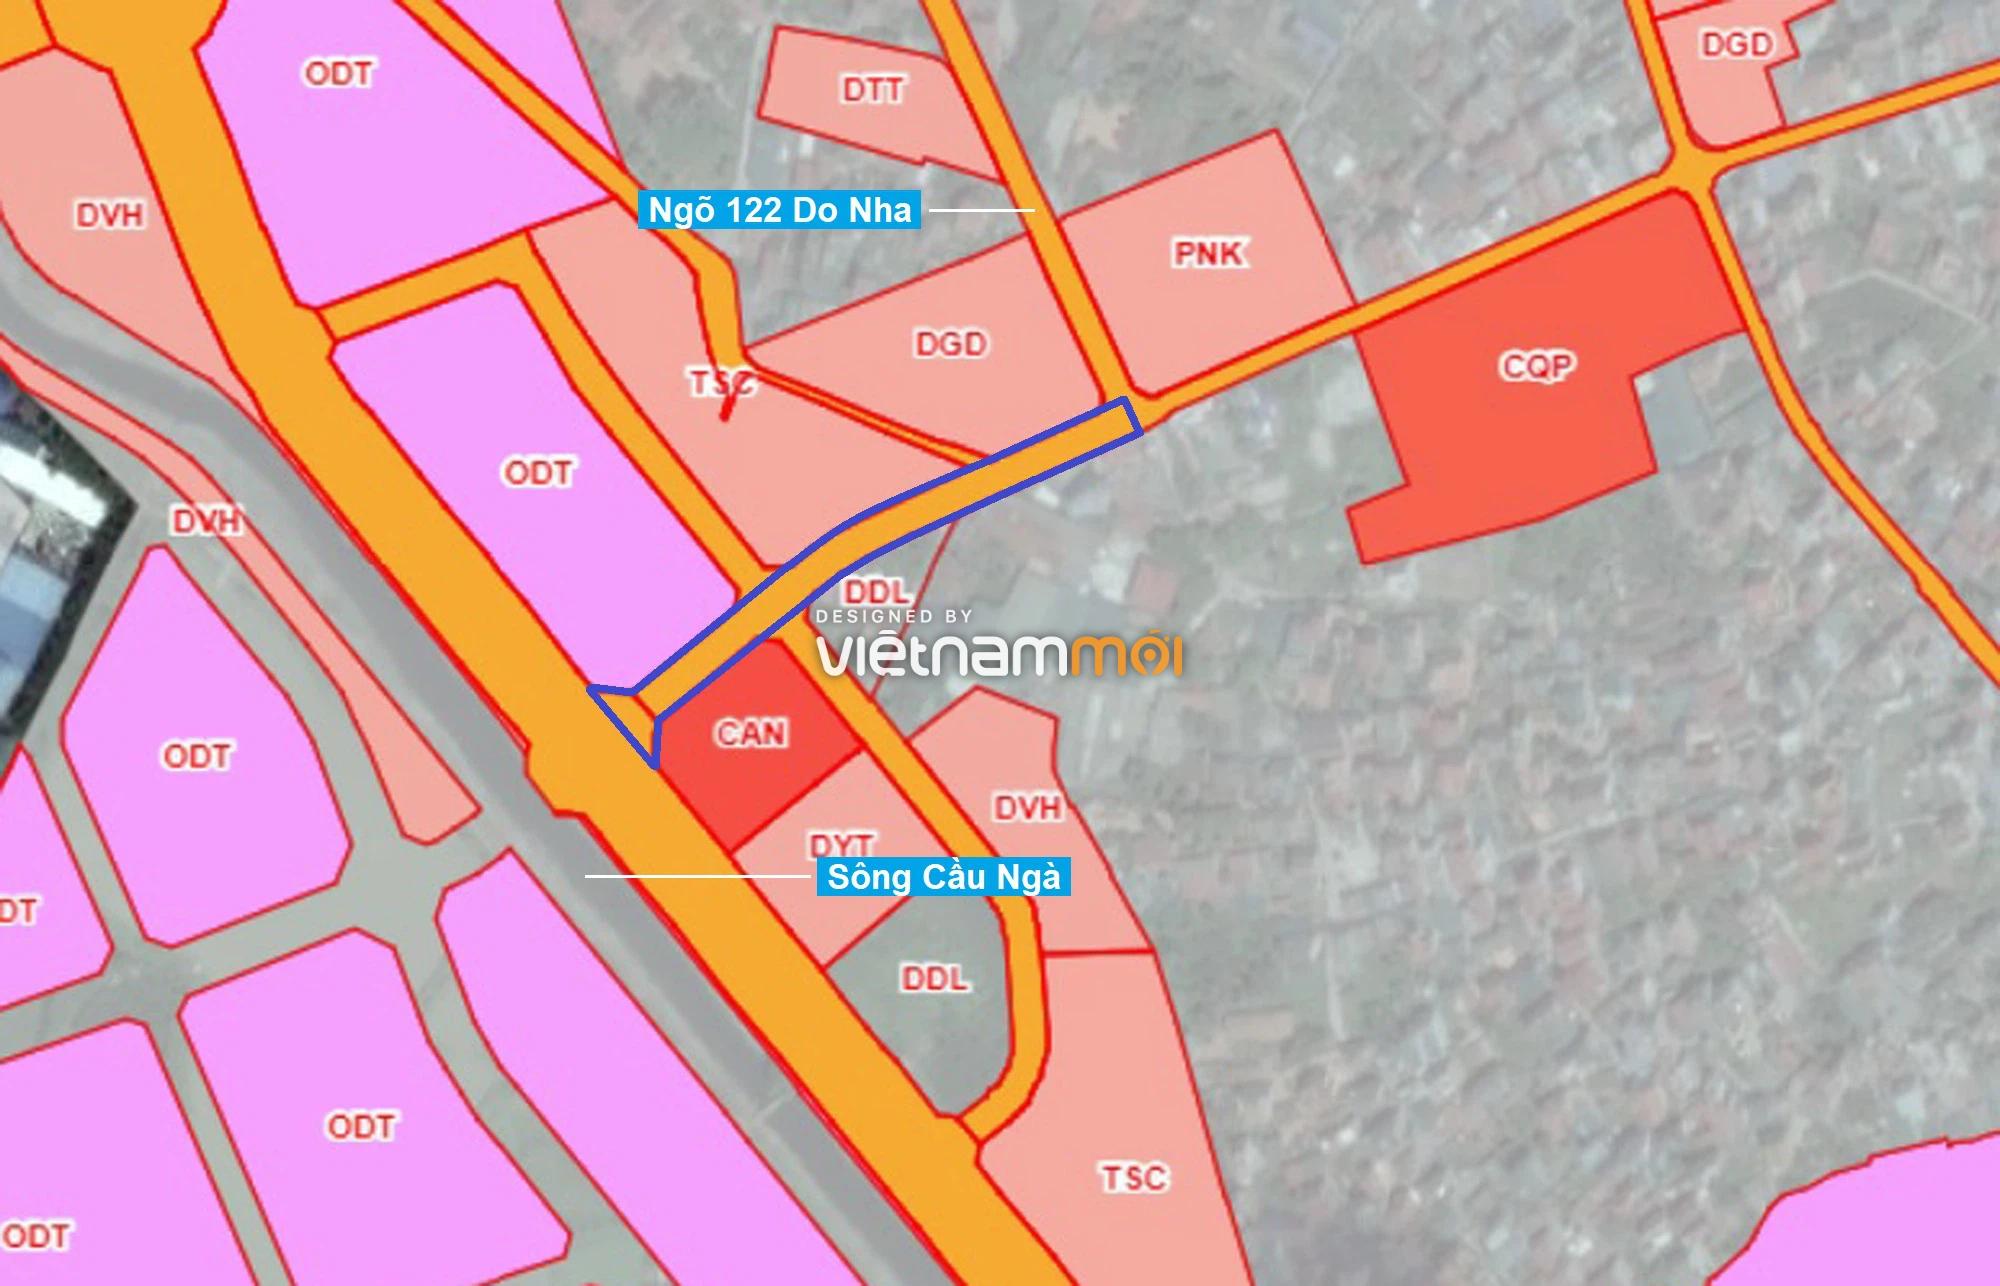 Những khu đất sắp thu hồi để mở đường ở phường Tây Mỗ, Nam Từ Liêm, Hà Nội (phần 5) - Ảnh 10.